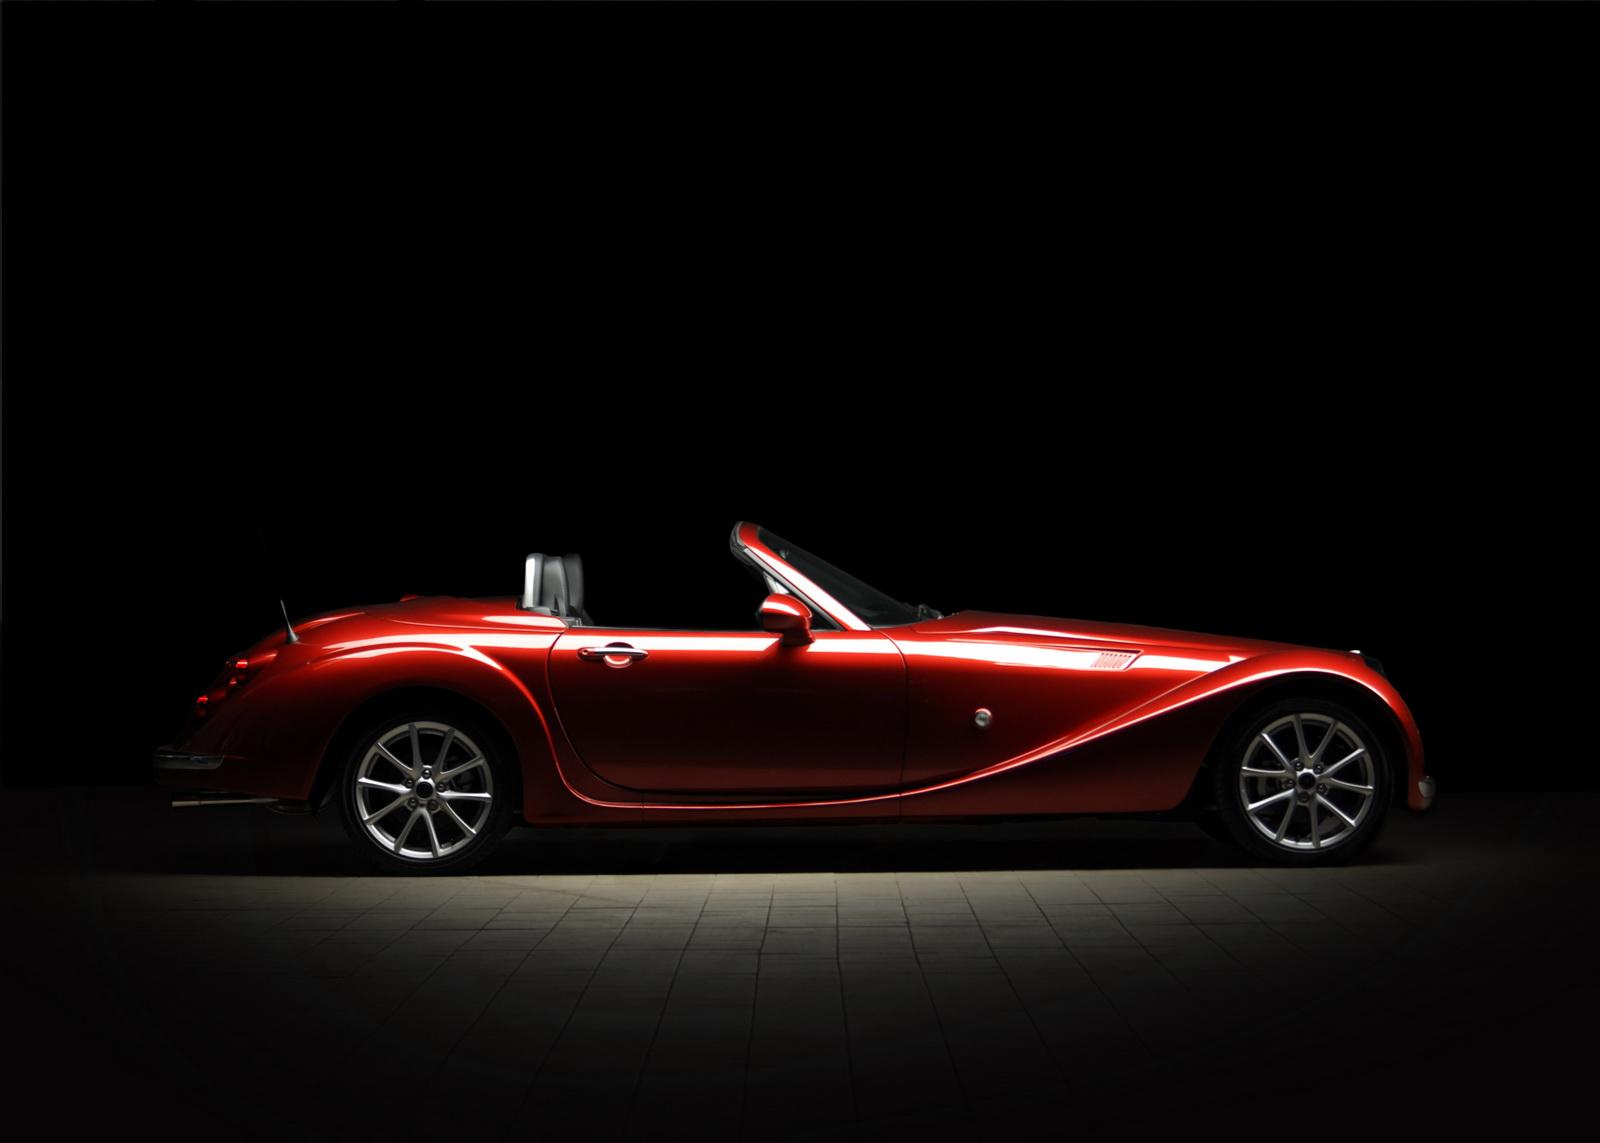 Mitsuoka Motors: Recarrozando el Mazda MX-5 para hacerlo un roadster británico clásico 2